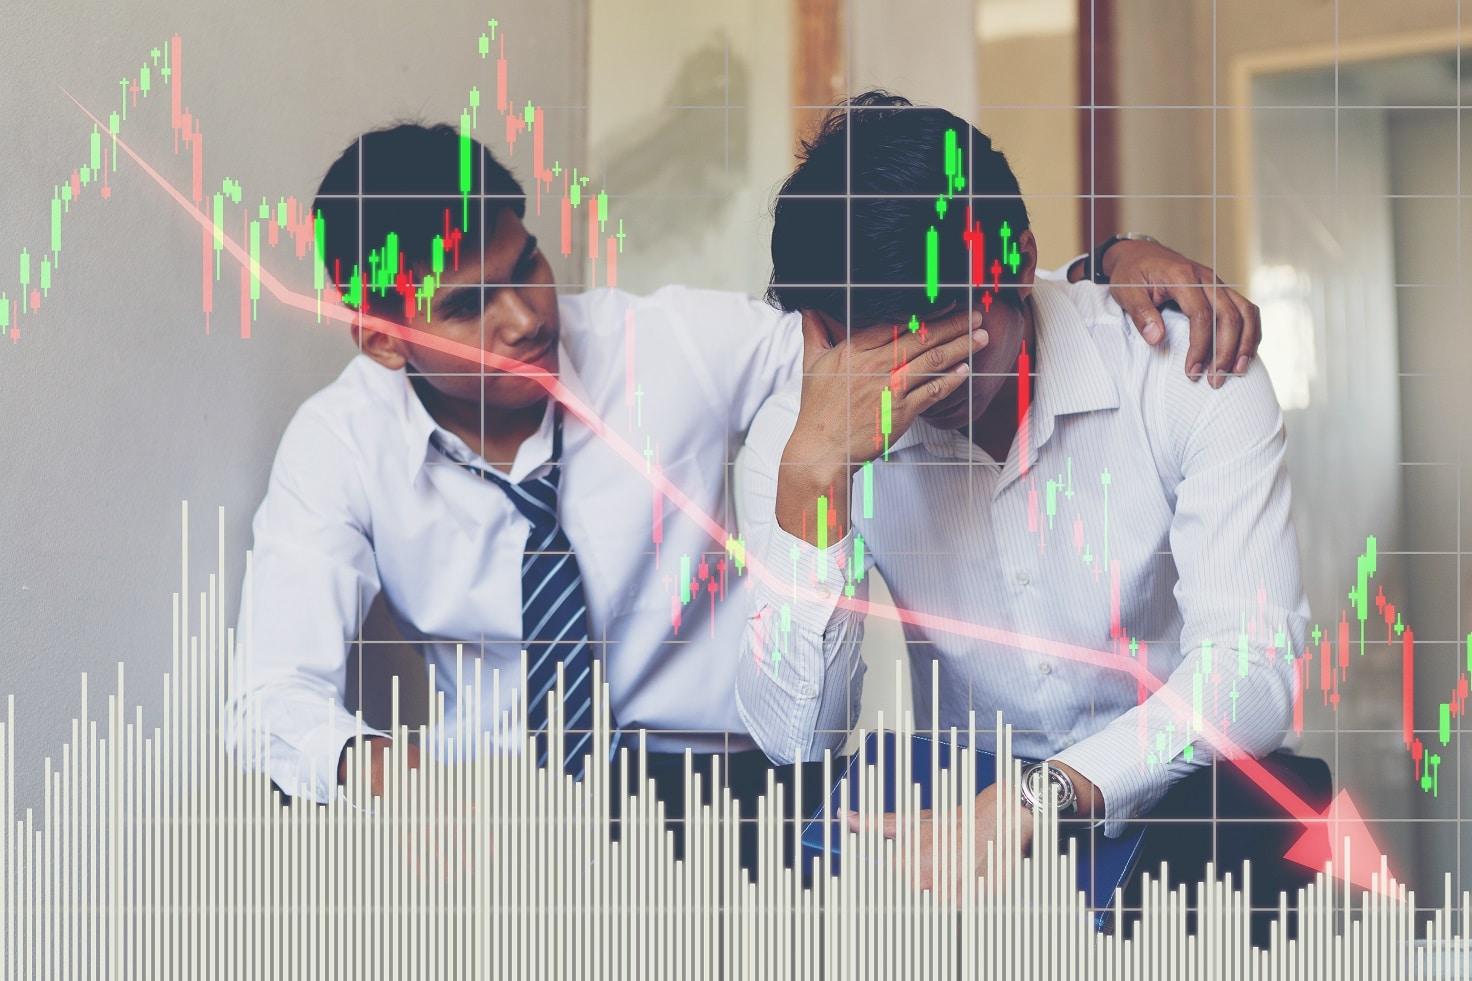 criptoactivo-valor-cero-mercado